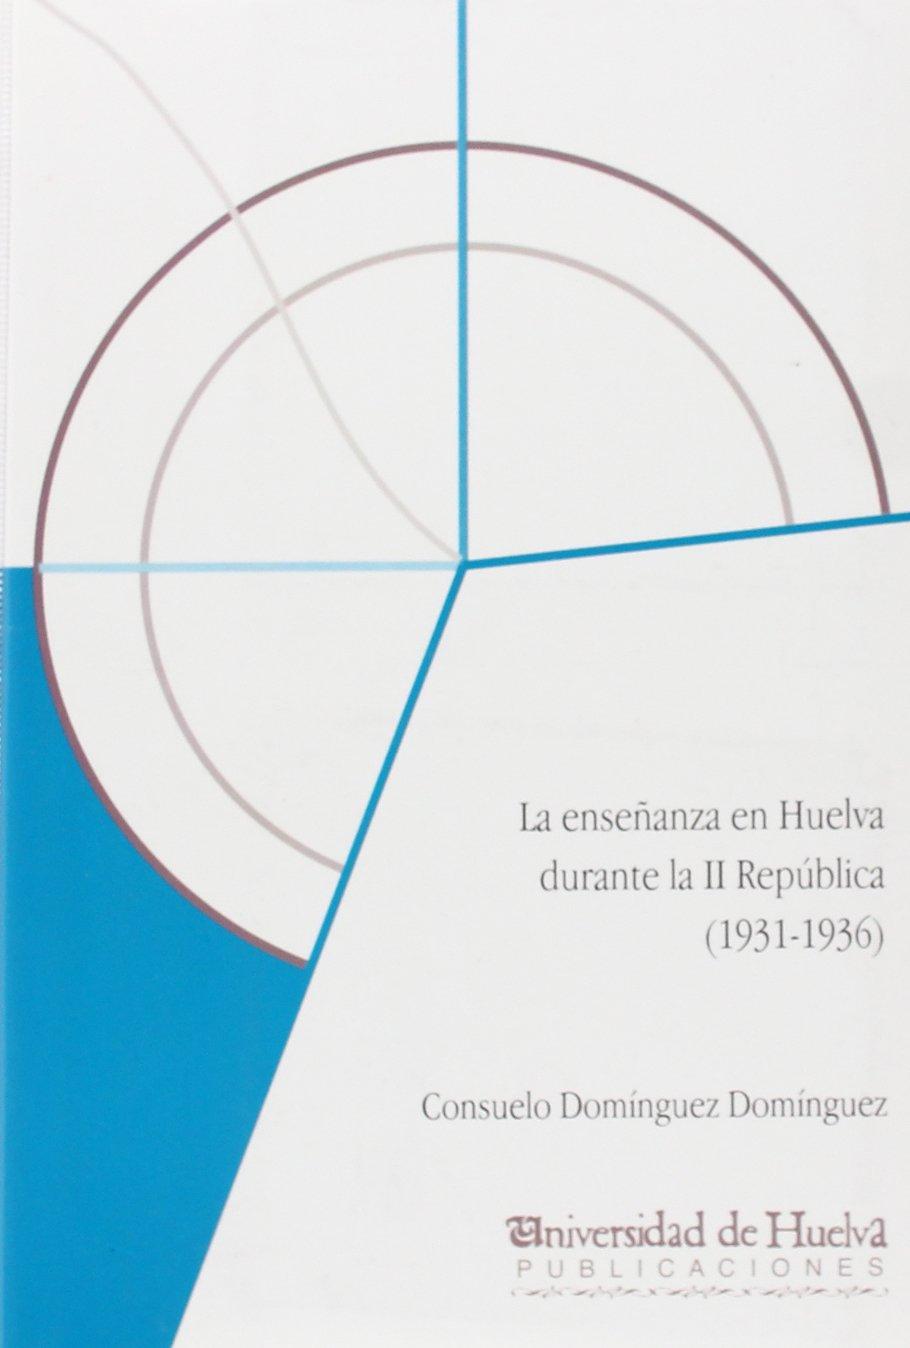 La enseñanza en Huelva durante la Segunda República: 1931-1936 Libro electrónico: Amazon.es: Consuelo Domínguez Domínguez: Libros